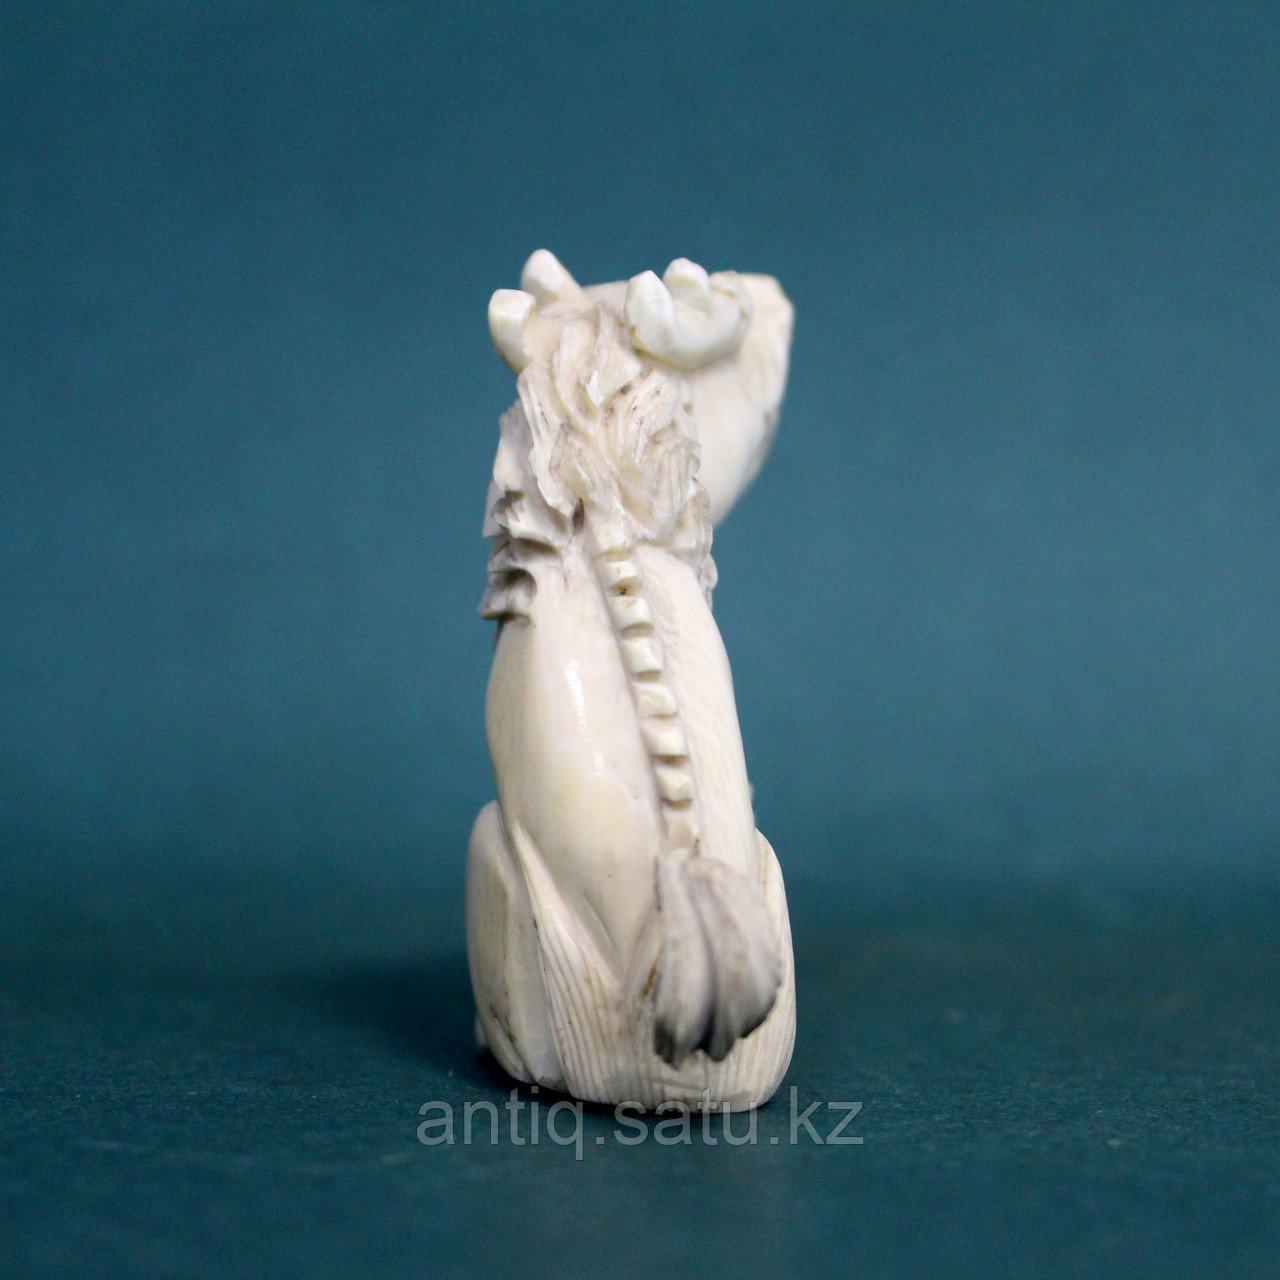 Слоновая кость. Карасиси Фо - небесный лев Будды. 52гр. - фото 2